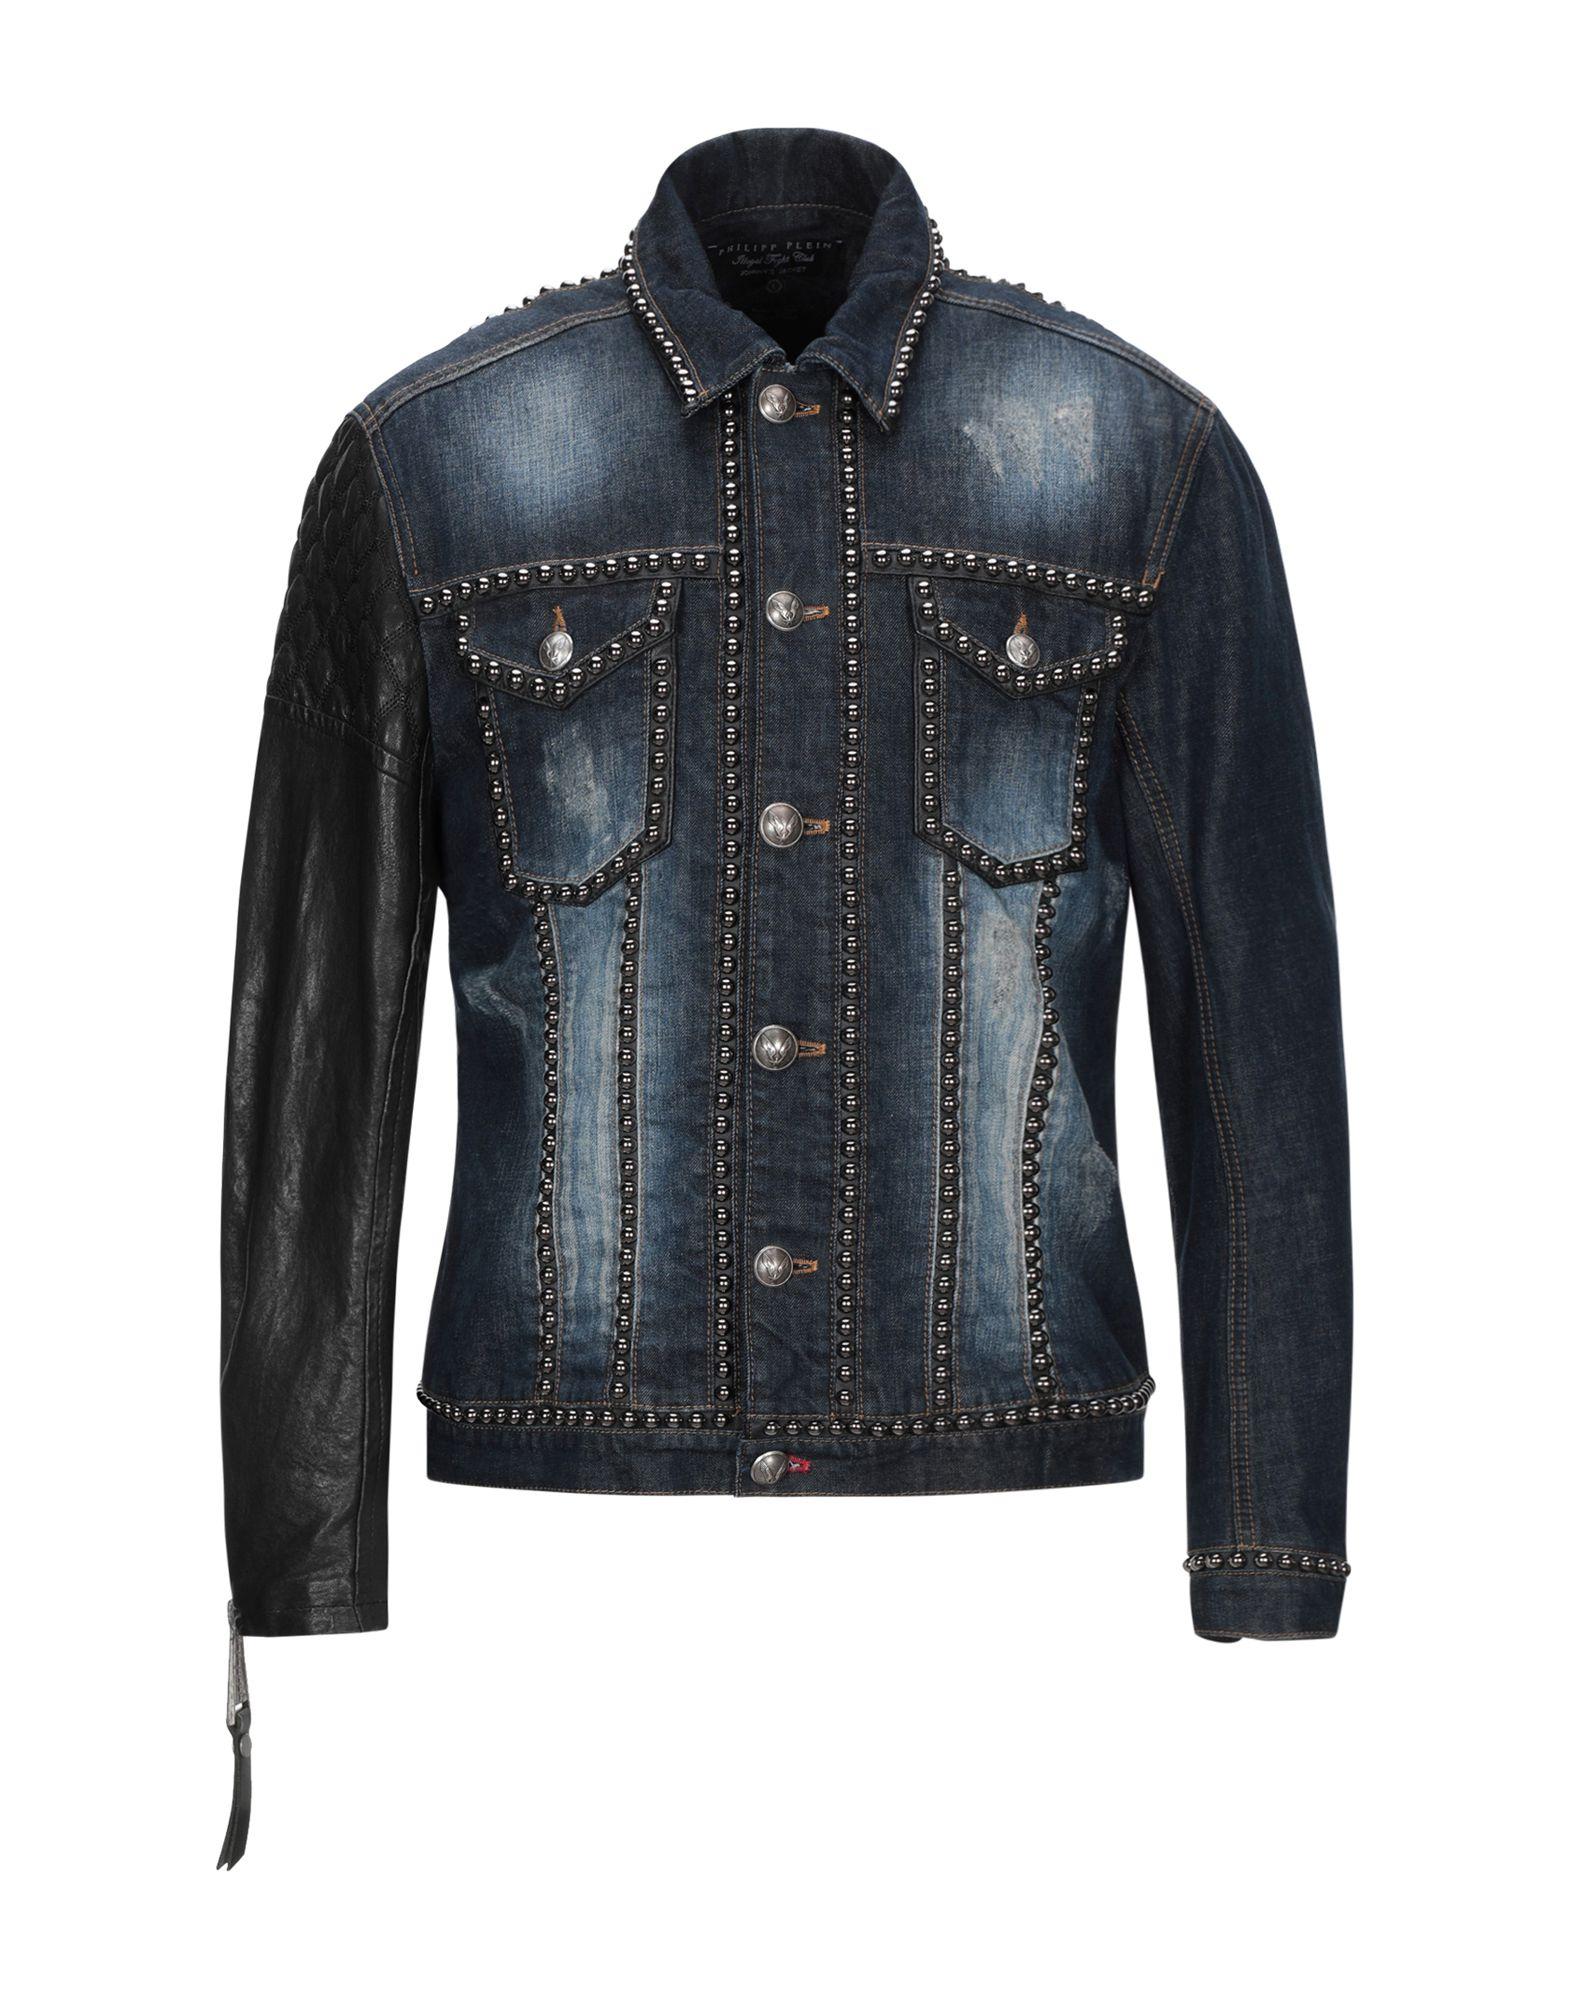 Giubbotto Jeans Jeans Jeans Philipp Plein uomo - 42748940SX baa